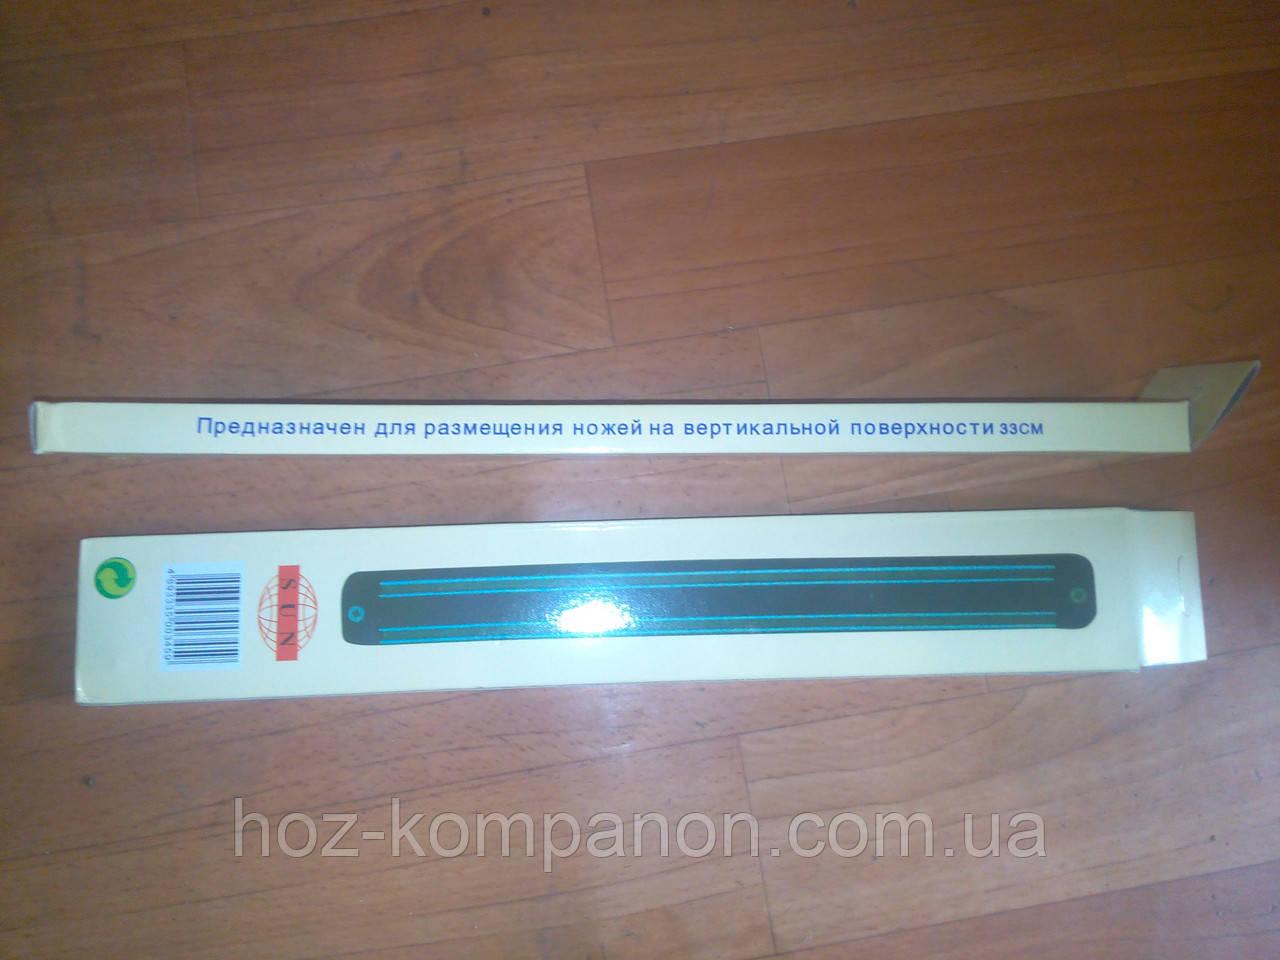 Магнитная планка для ножей 33см